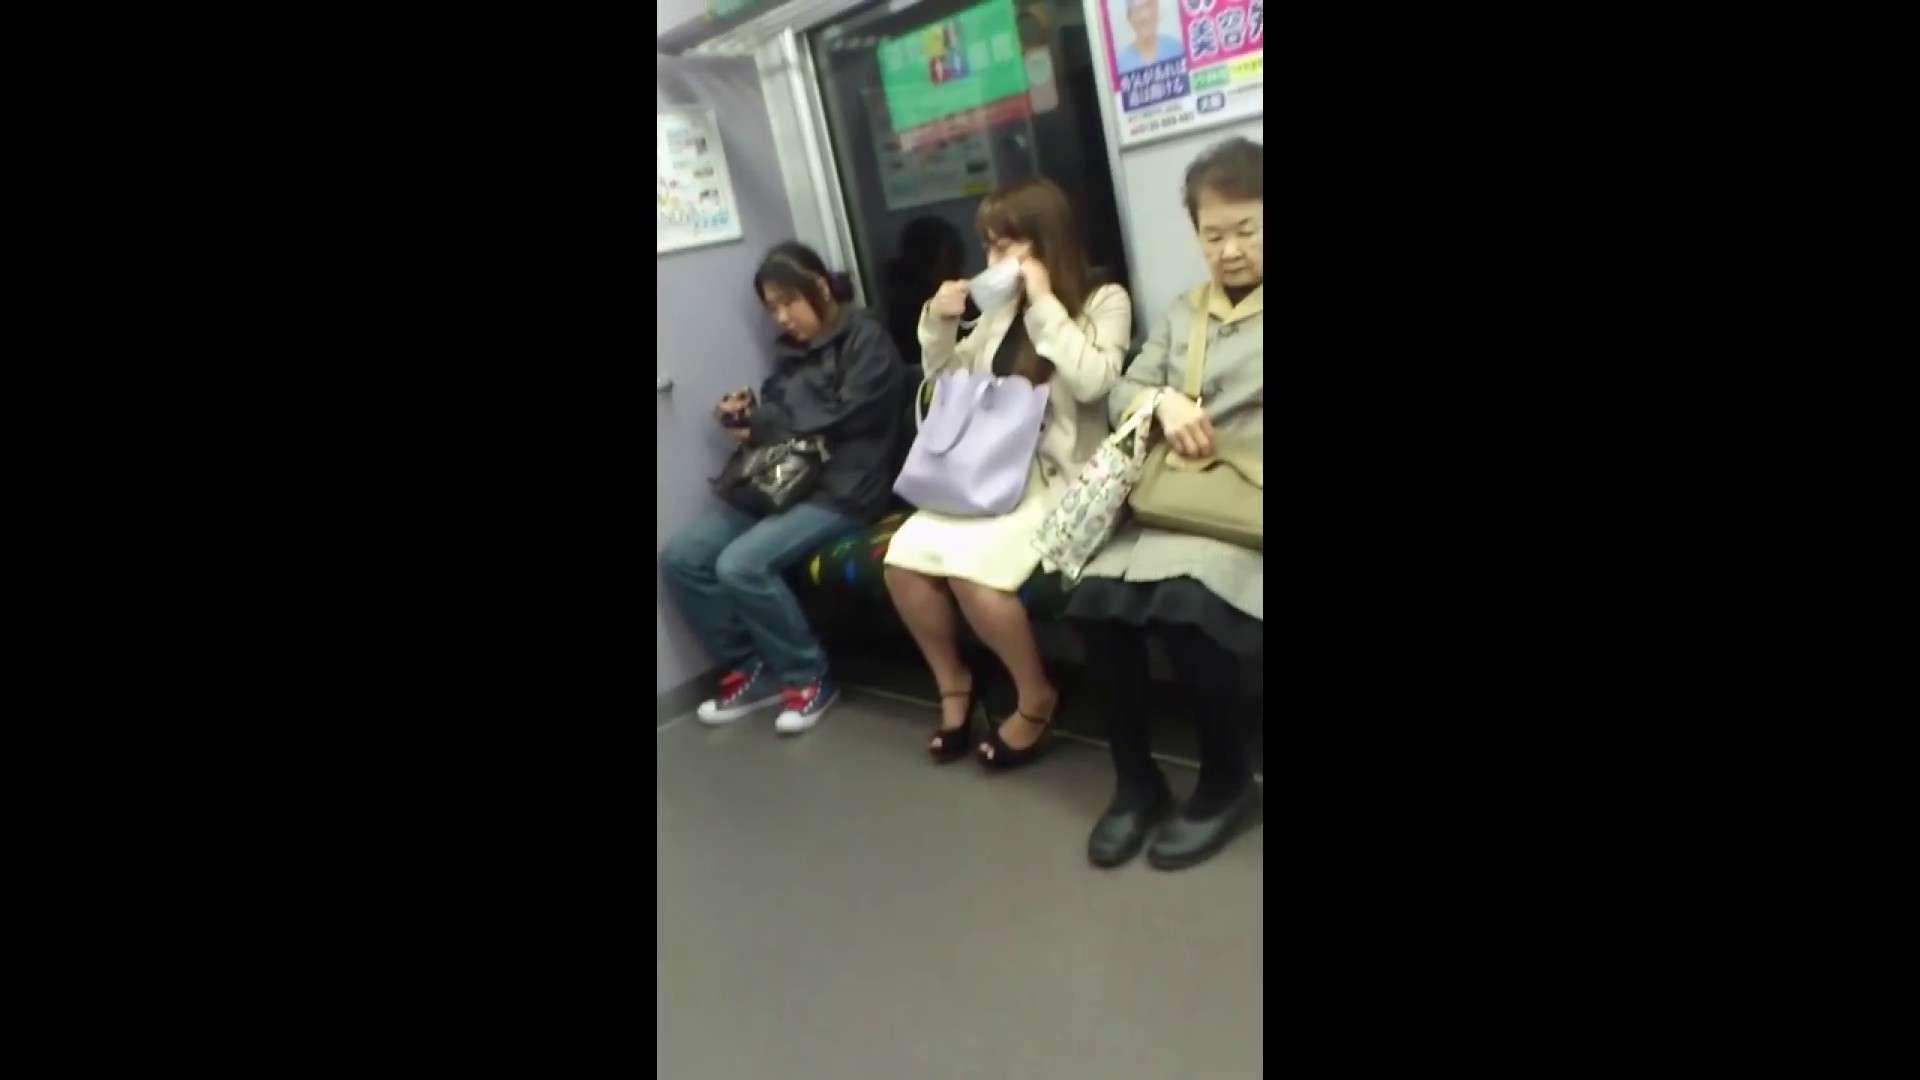 盗撮列車 Vol.55 黄色の爽やかなスカートが大好きです。 盗撮エロすぎ | OL  38連発 18